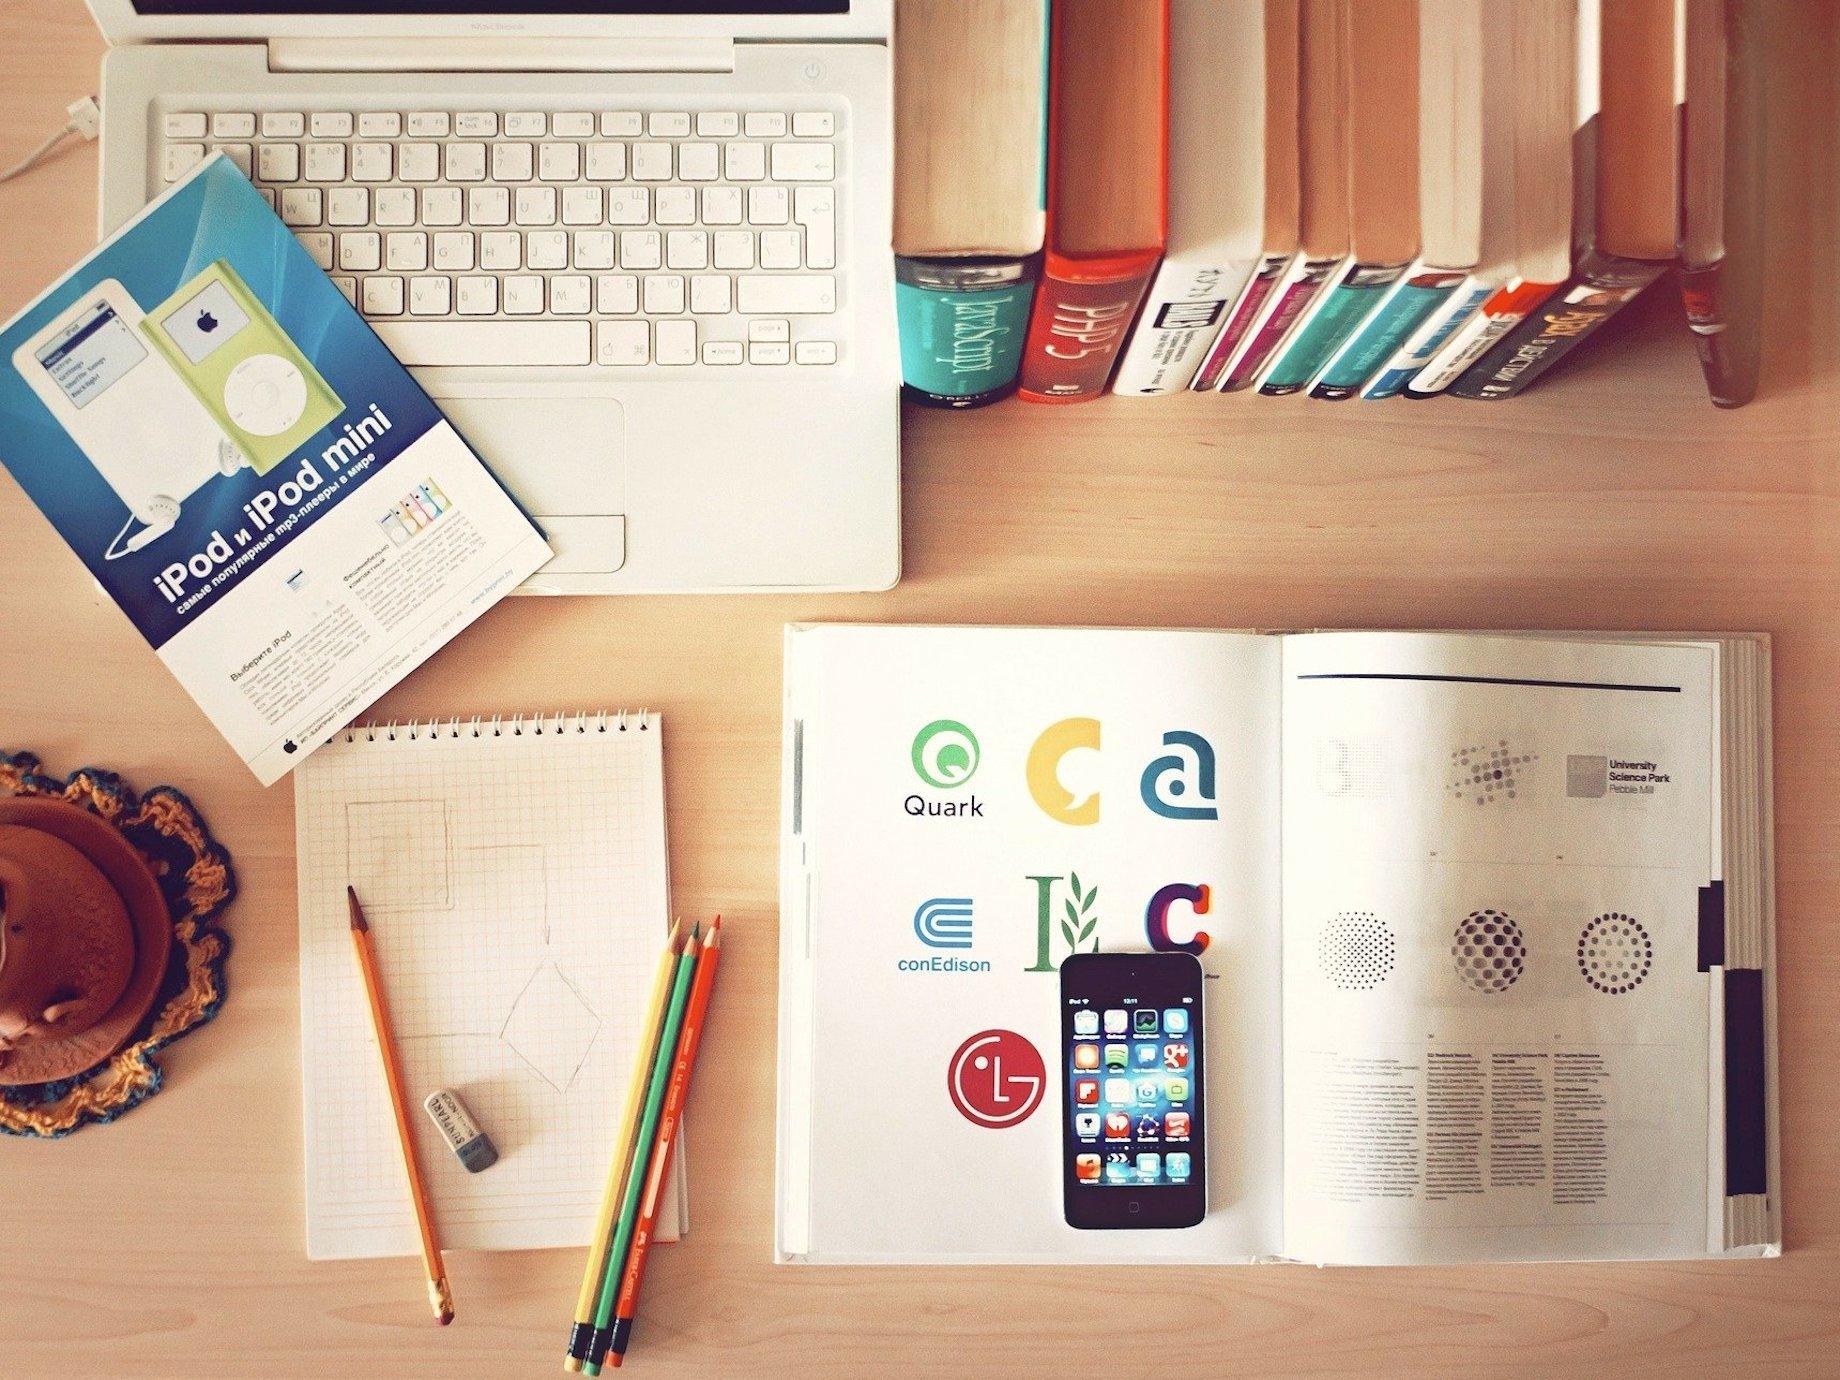 成為企業搶著要的跨界人才!3步驟培養跨界學習能力